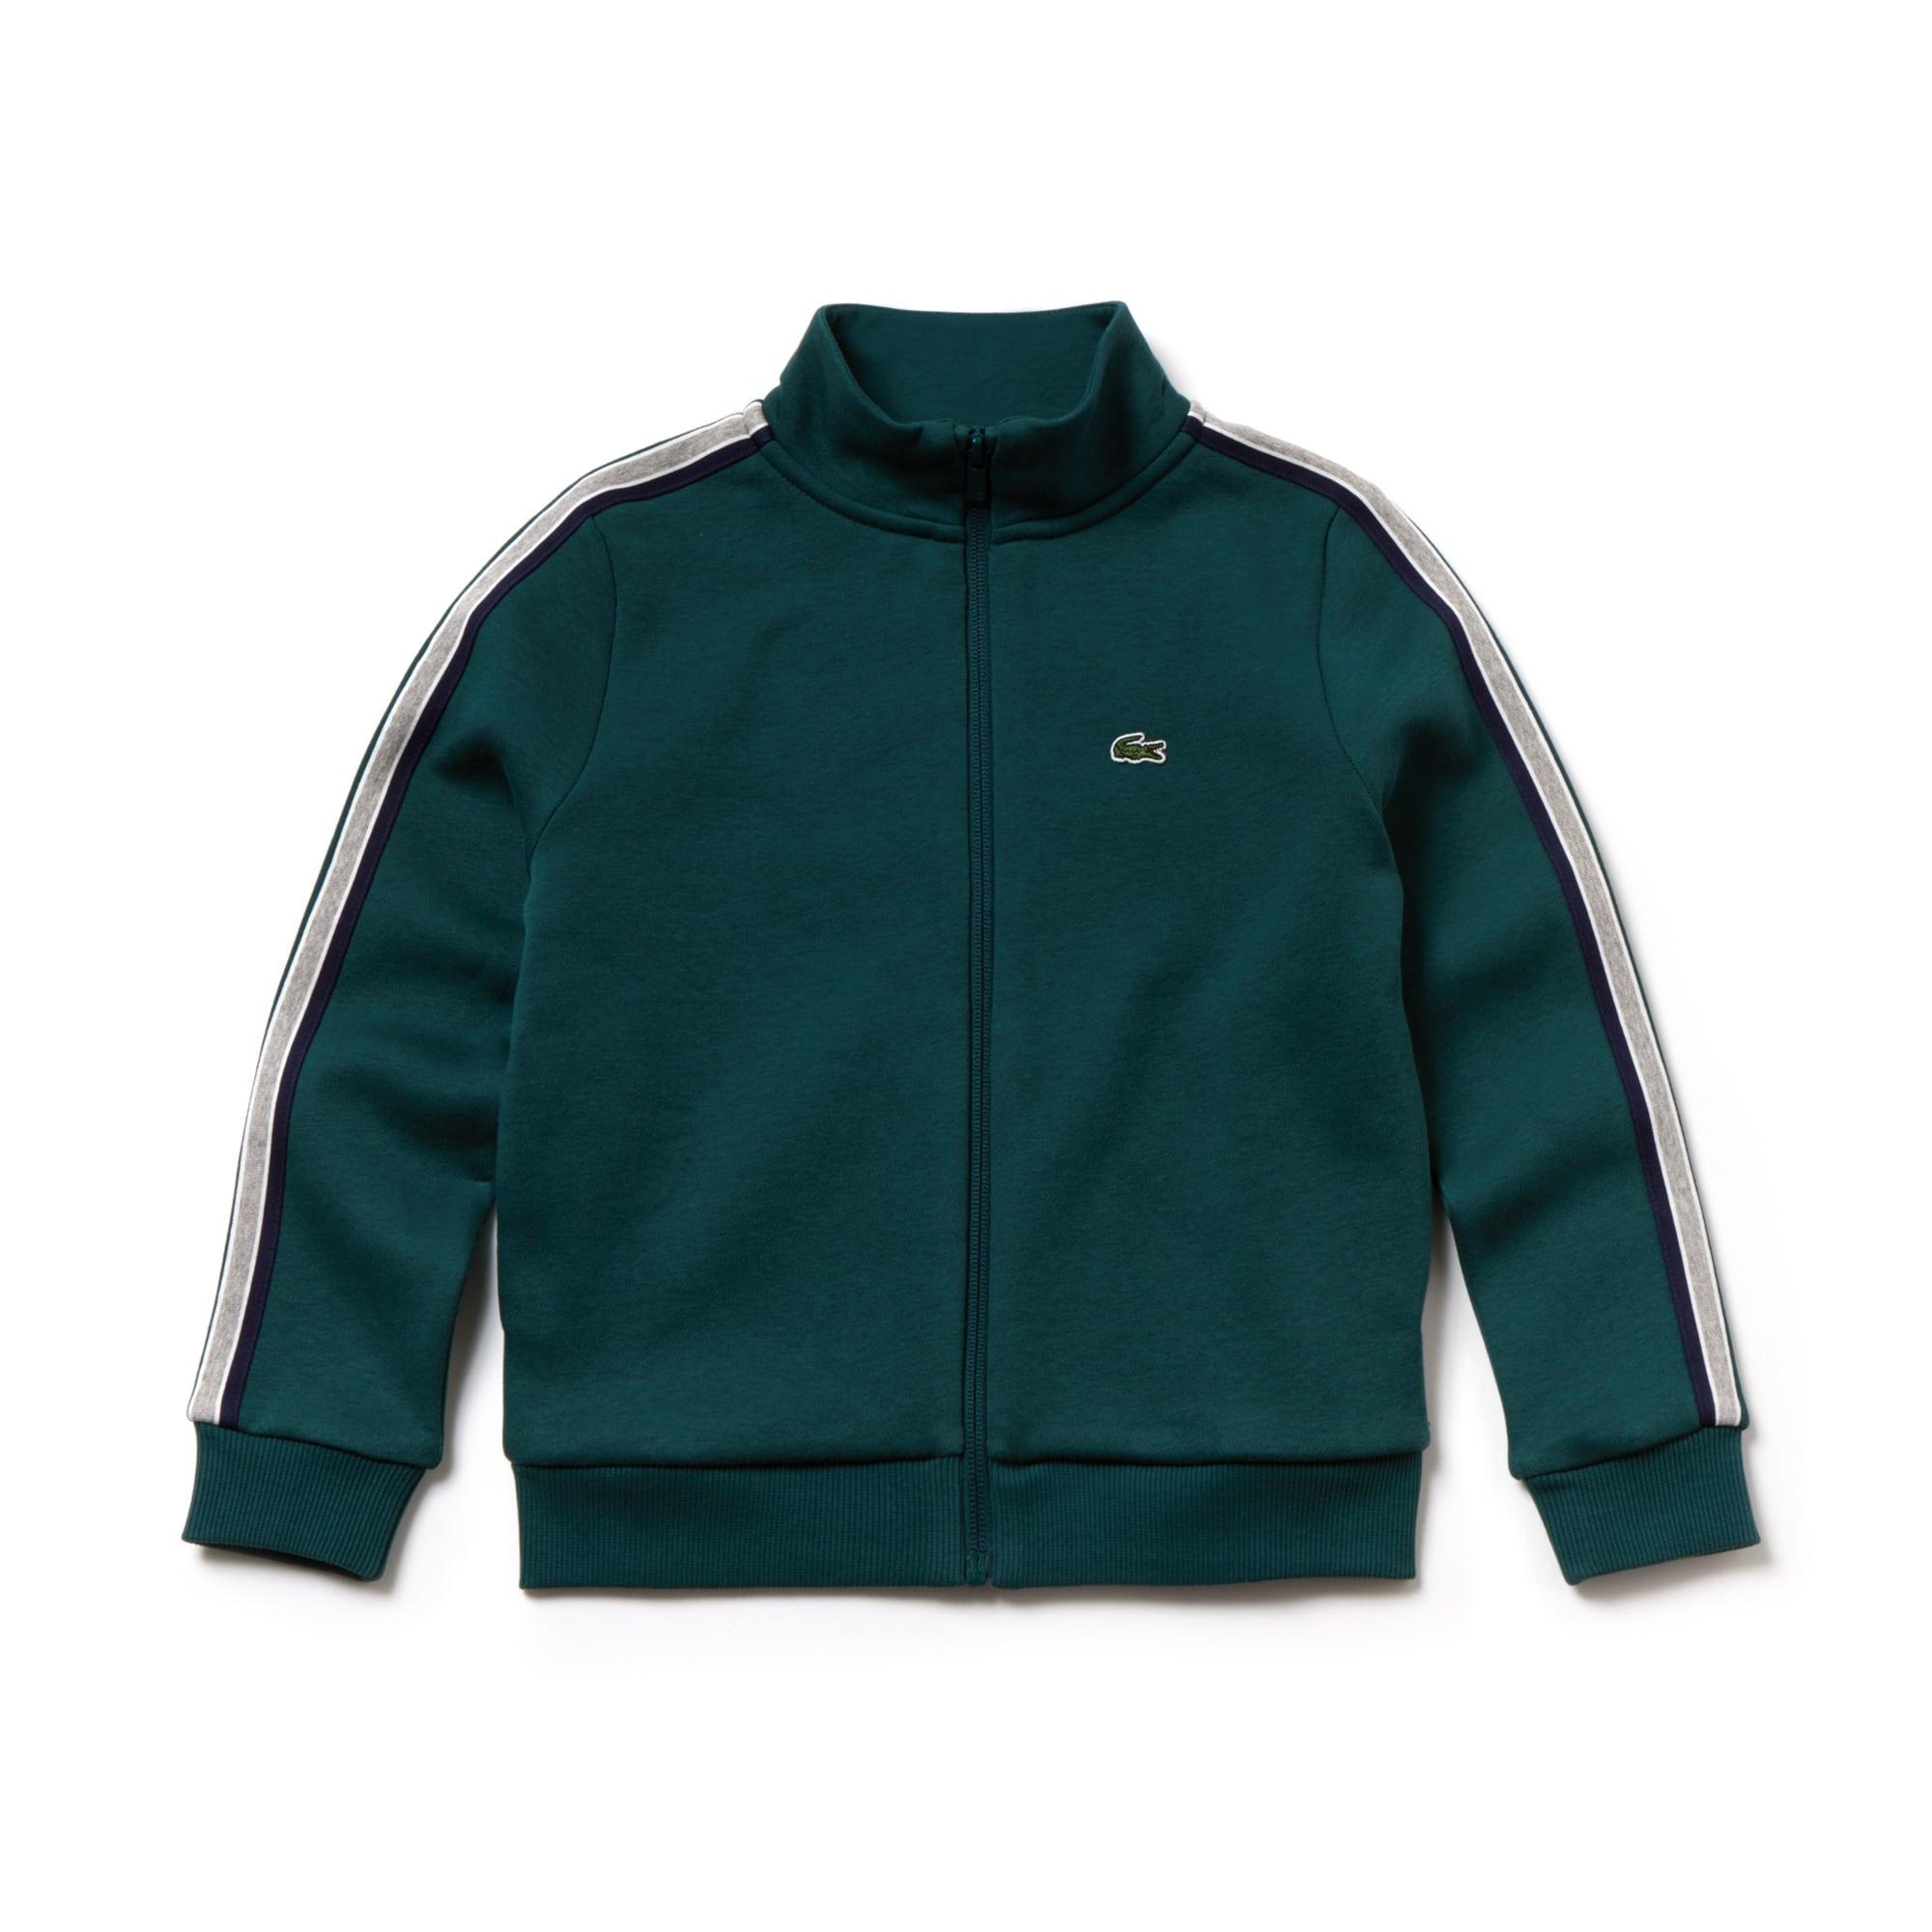 Herren-Sweatshirt aus Fleece mit Stehkragen und Farbstreifen